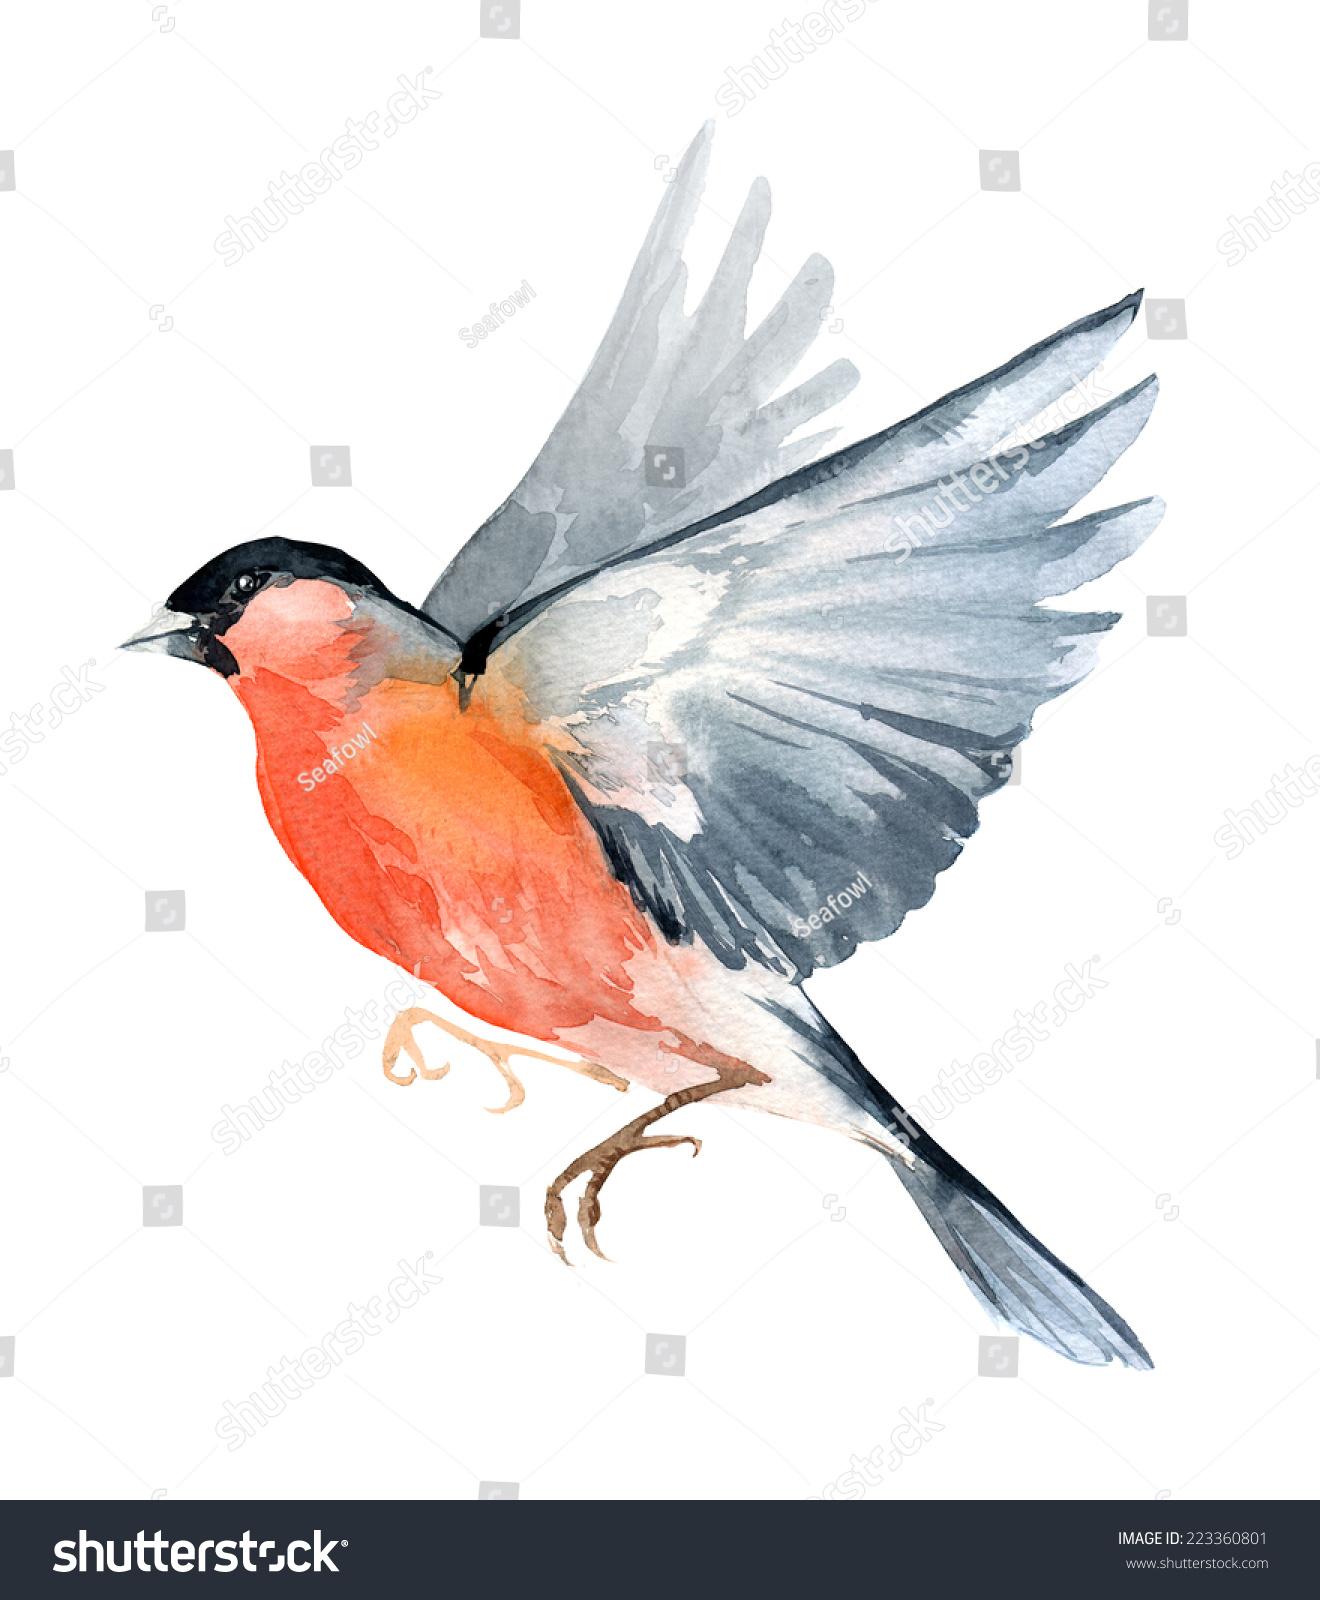 水彩画的野生植物冬季圣诞的知更鸟-背景/素材,自然